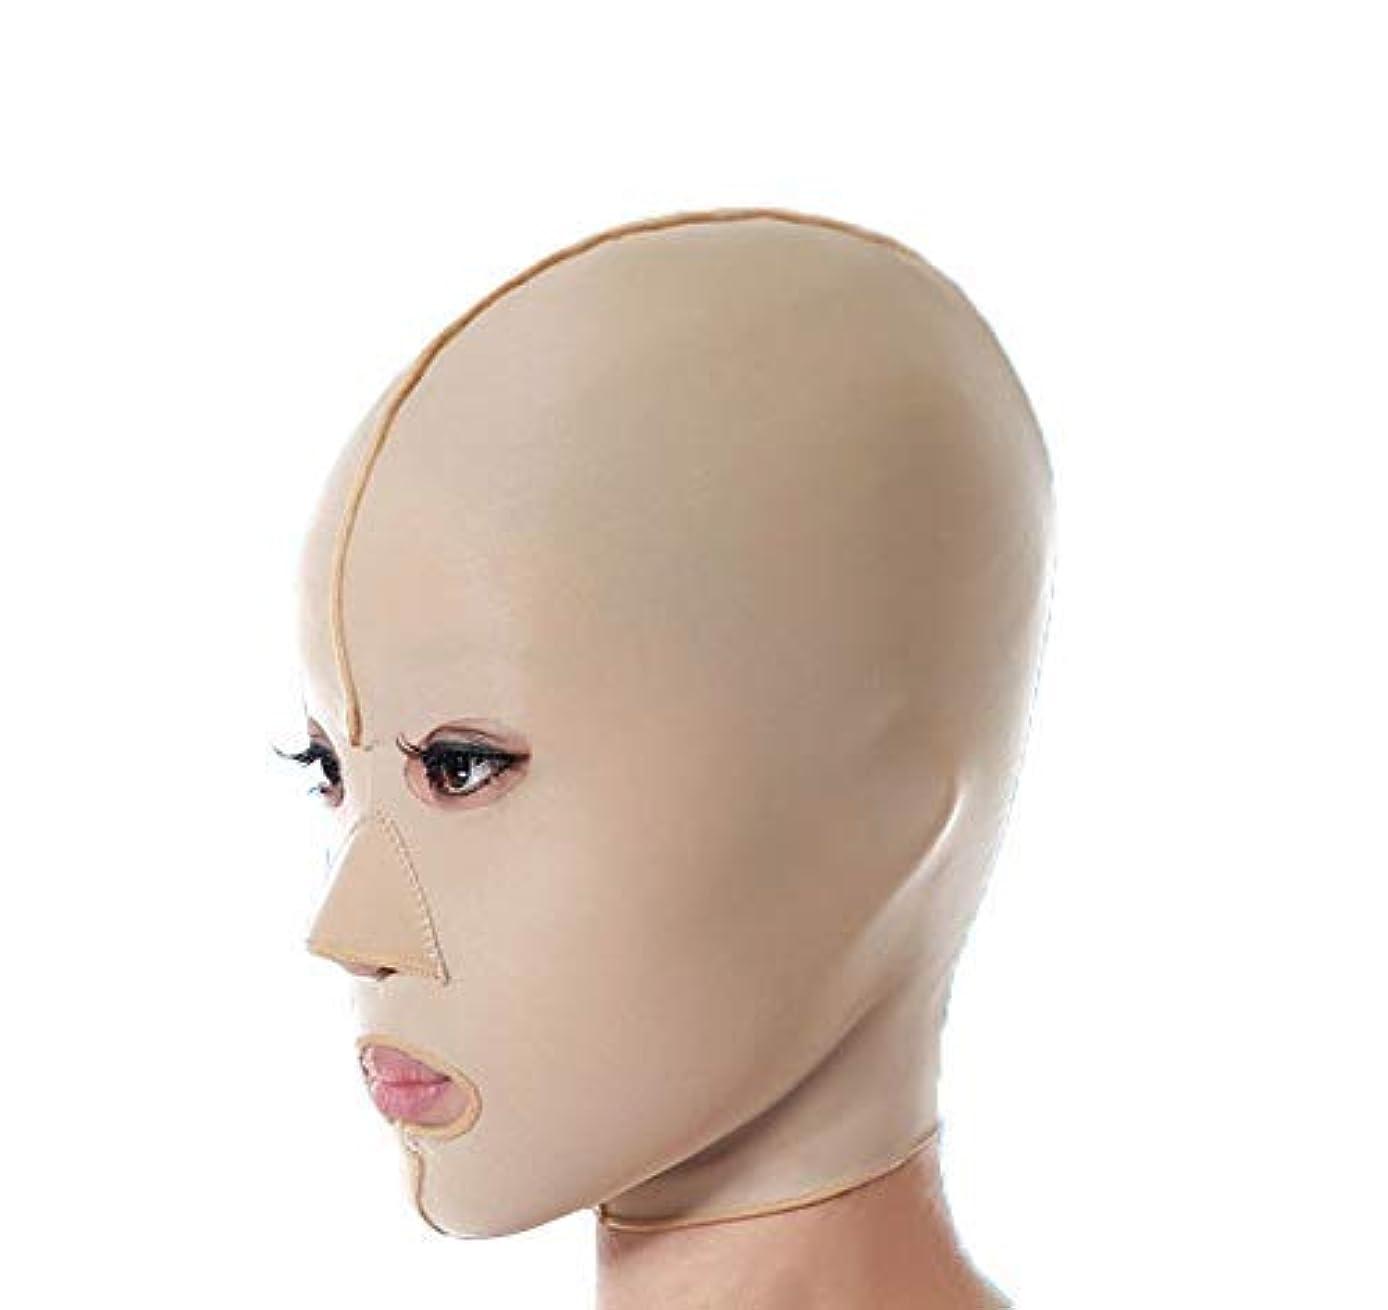 レーザデッド素敵なファーミングフェイスマスク、フェイシャルマスク医学強力なフェイスマスクアーティファクト美容垂れ防止法パターンフェイシャルリフティングファーミングフルフェイスマスク(サイズ:M),ザ?